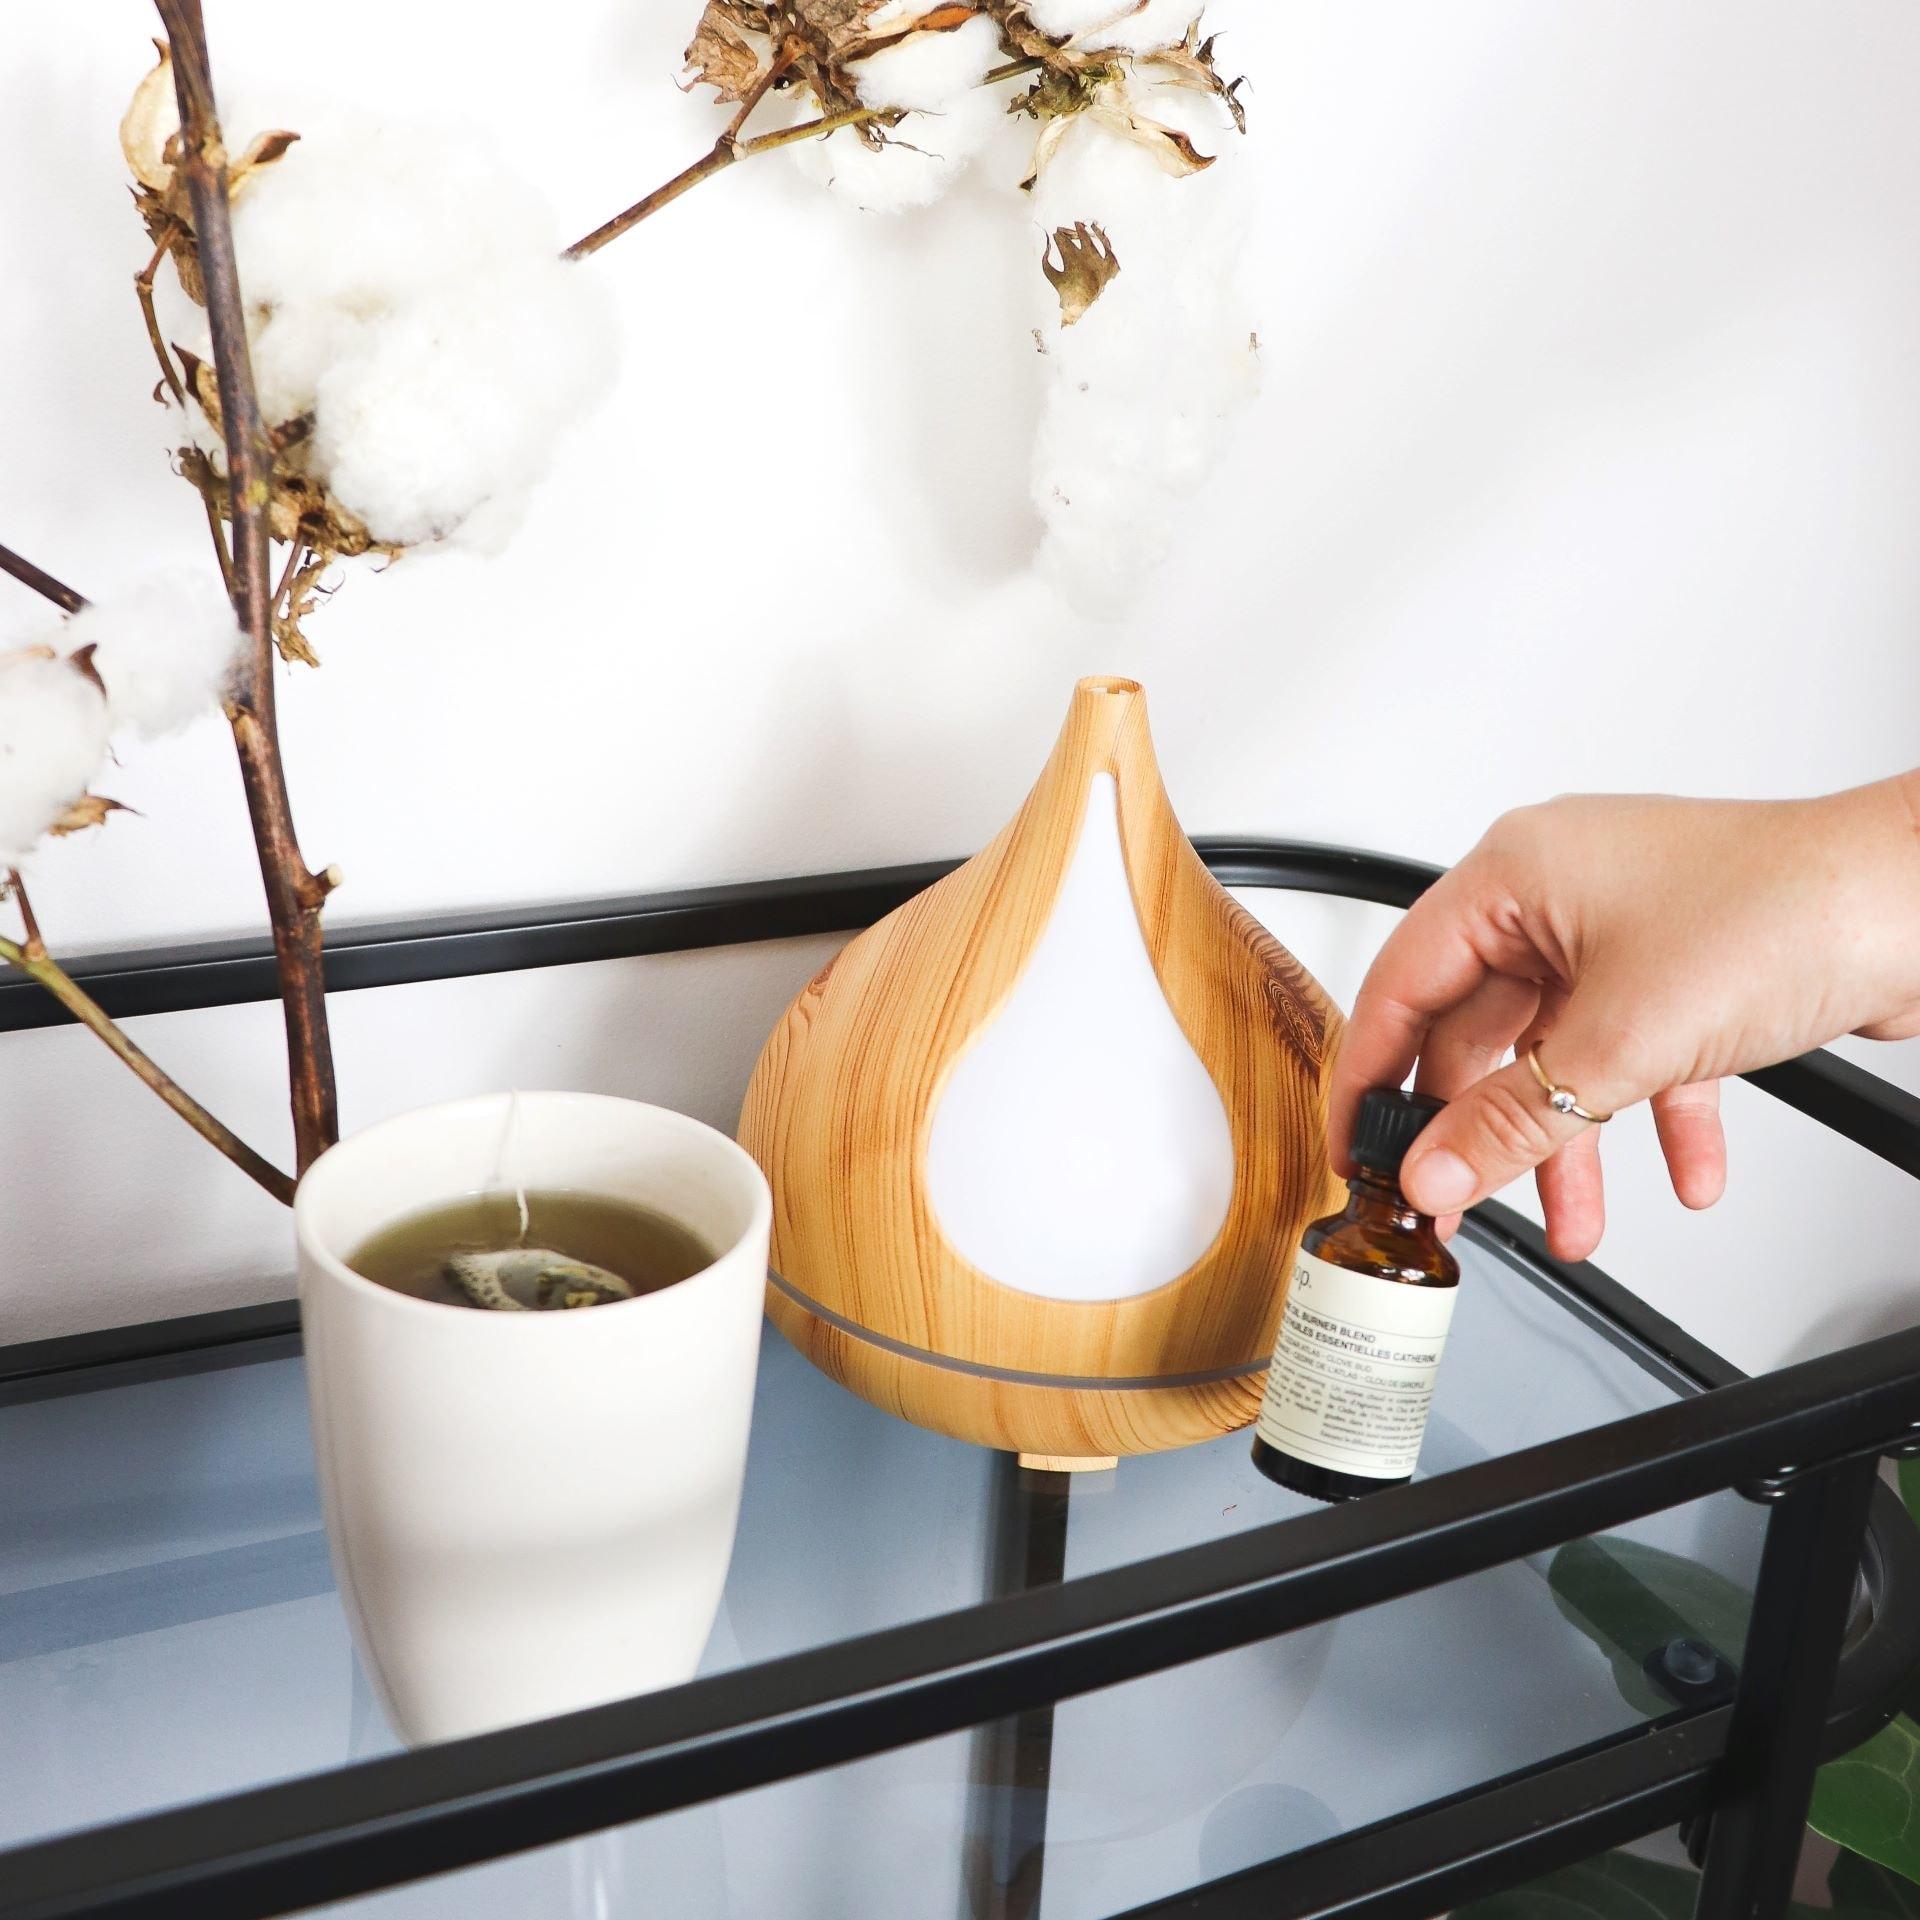 Aromatizadores de ambiente, home sprays ou difusores podem compor a atmosfera dos espaços de uma casa aconchegante.